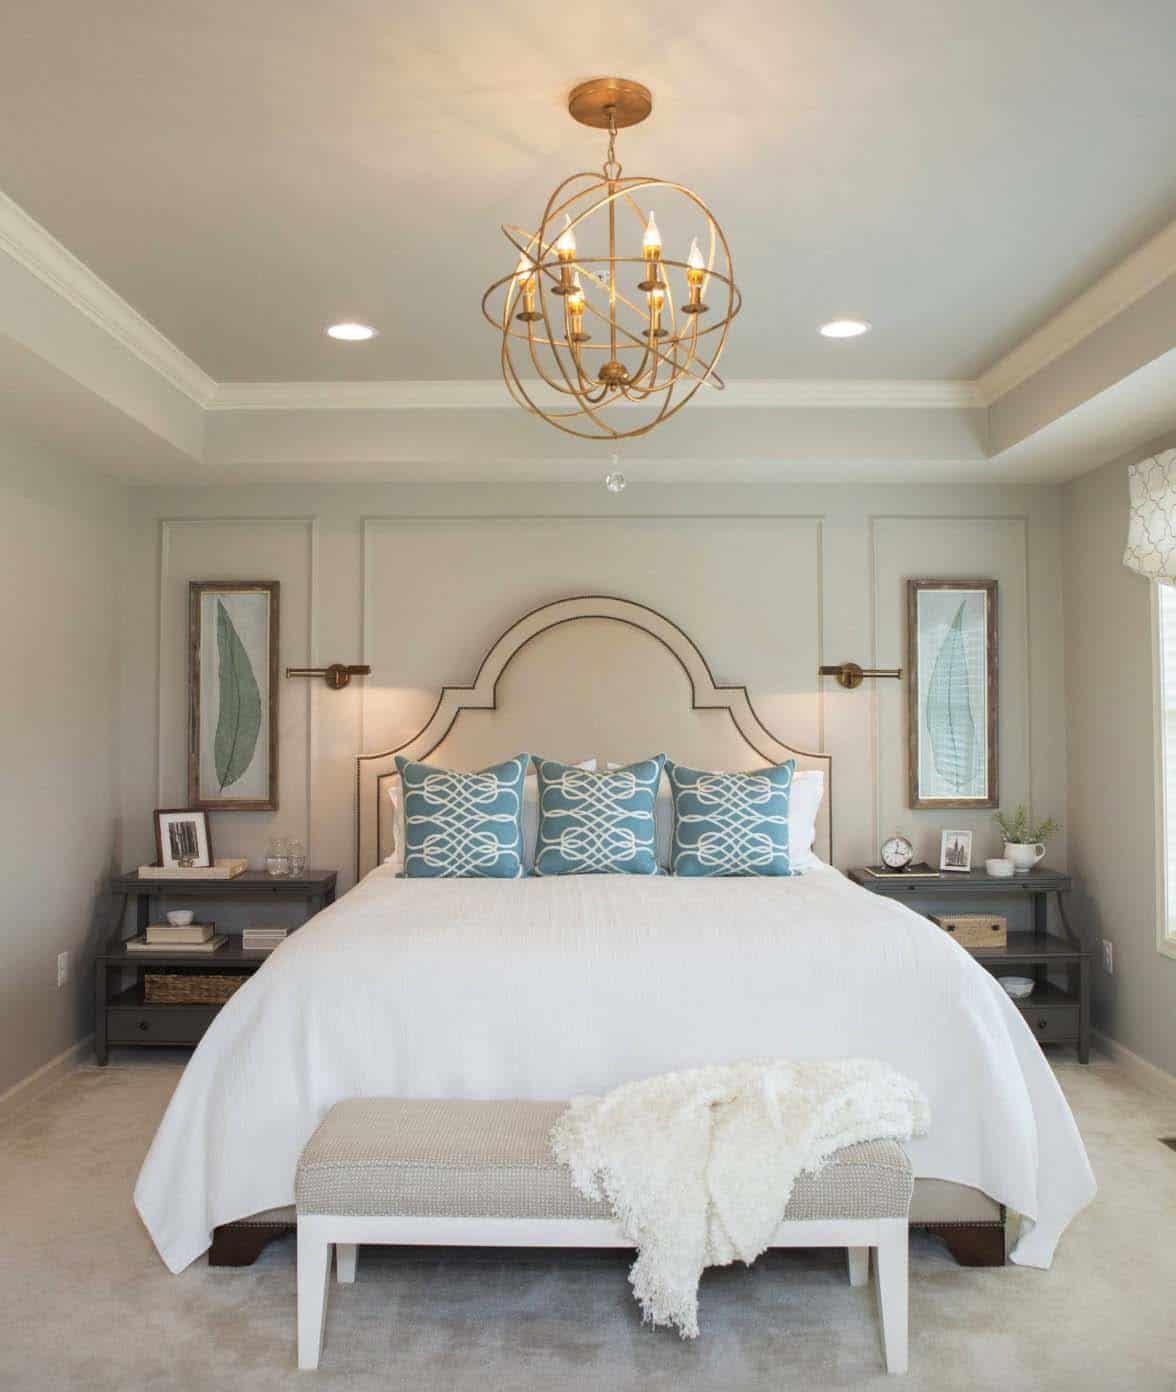 20 Serene And Elegant Master Bedroom Decorating Ideas Elegant Master Bedroom Master Bedrooms Decor Master Bedroom Remodel